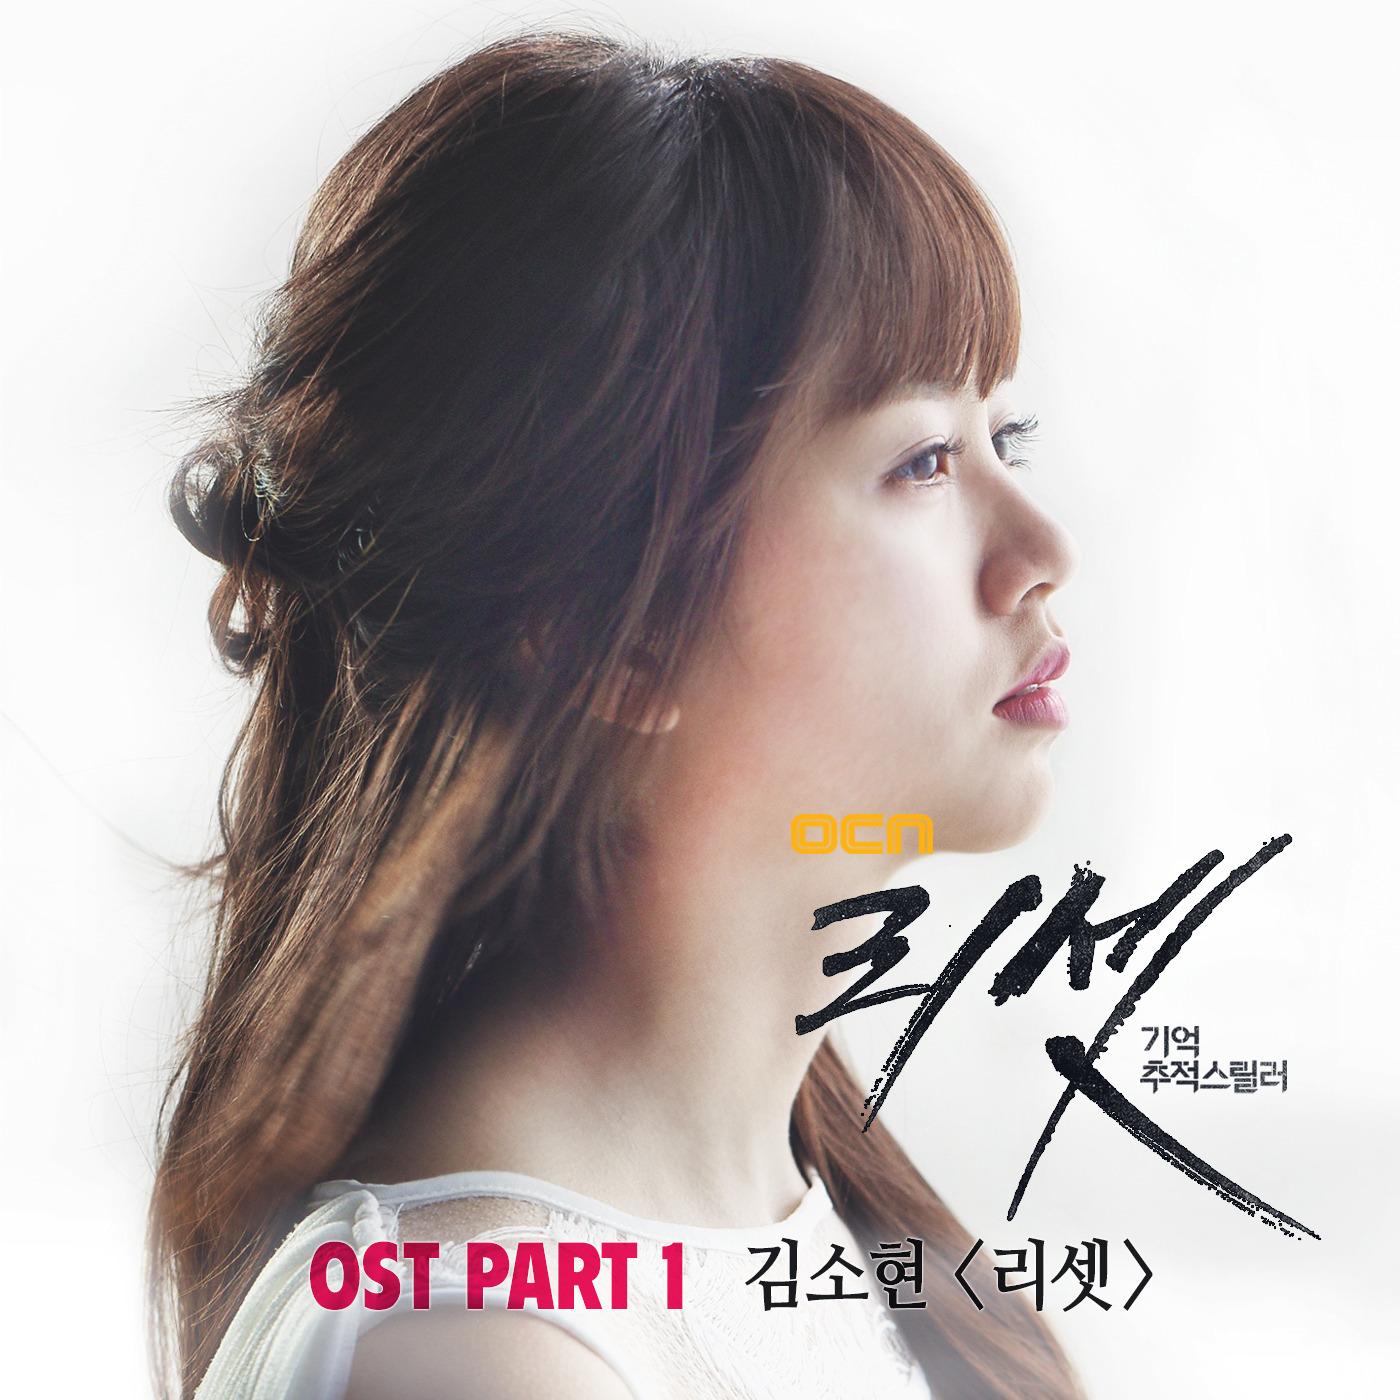 리셋 OST Part 1 (OCN 일요드라마) 앨범정보